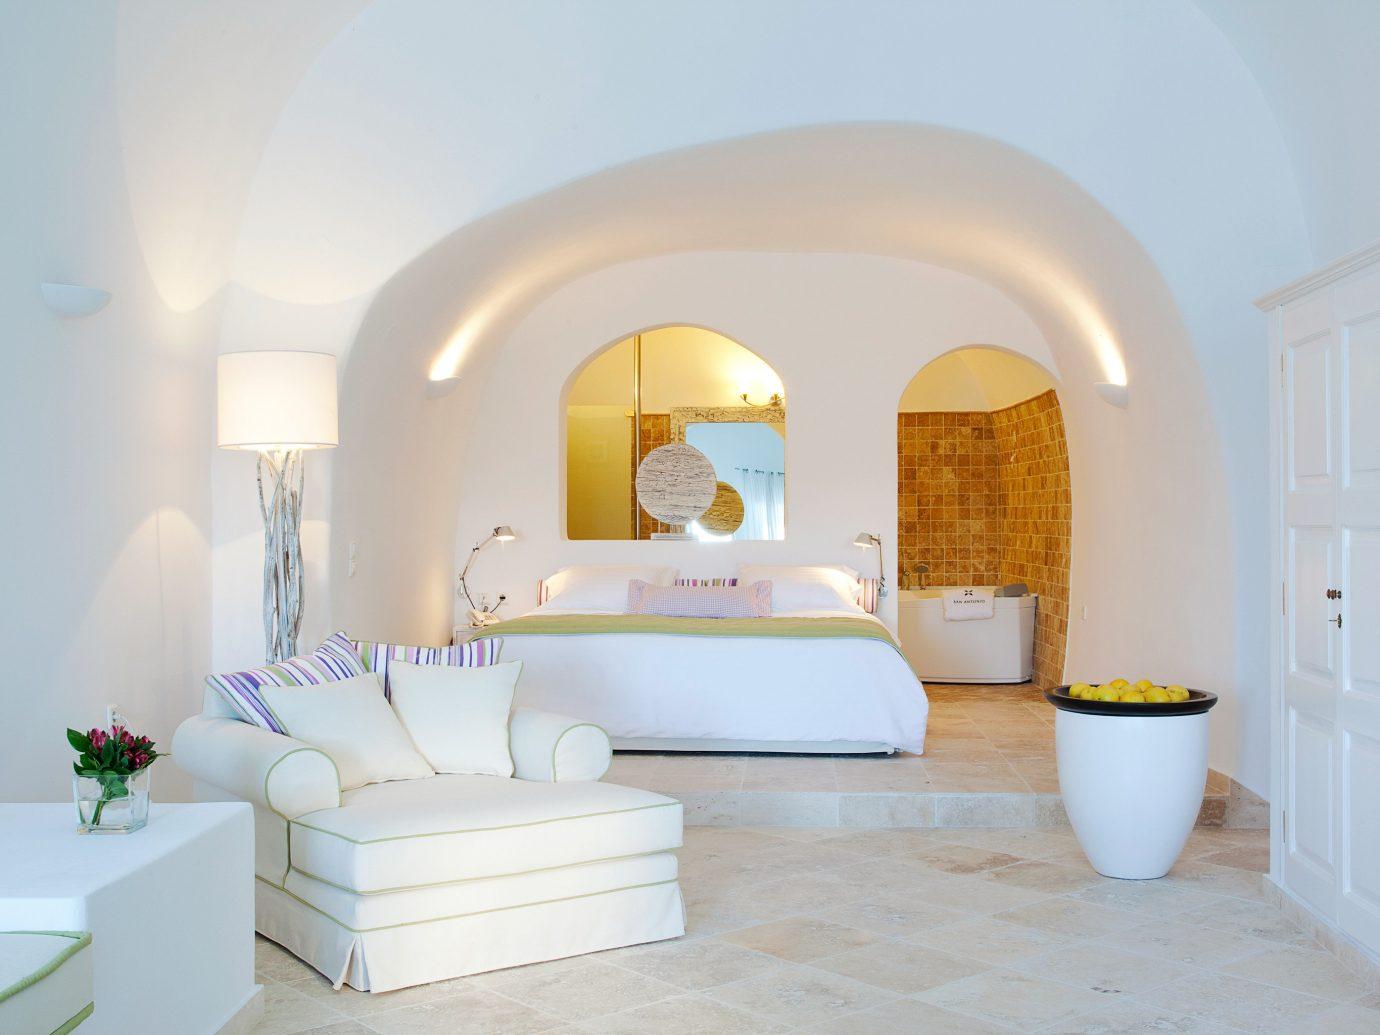 Bedroom Elegant Greece Hotels Luxury Modern Santorini Suite wall room property living room white estate interior design floor furniture bed home real estate Villa cottage ceiling